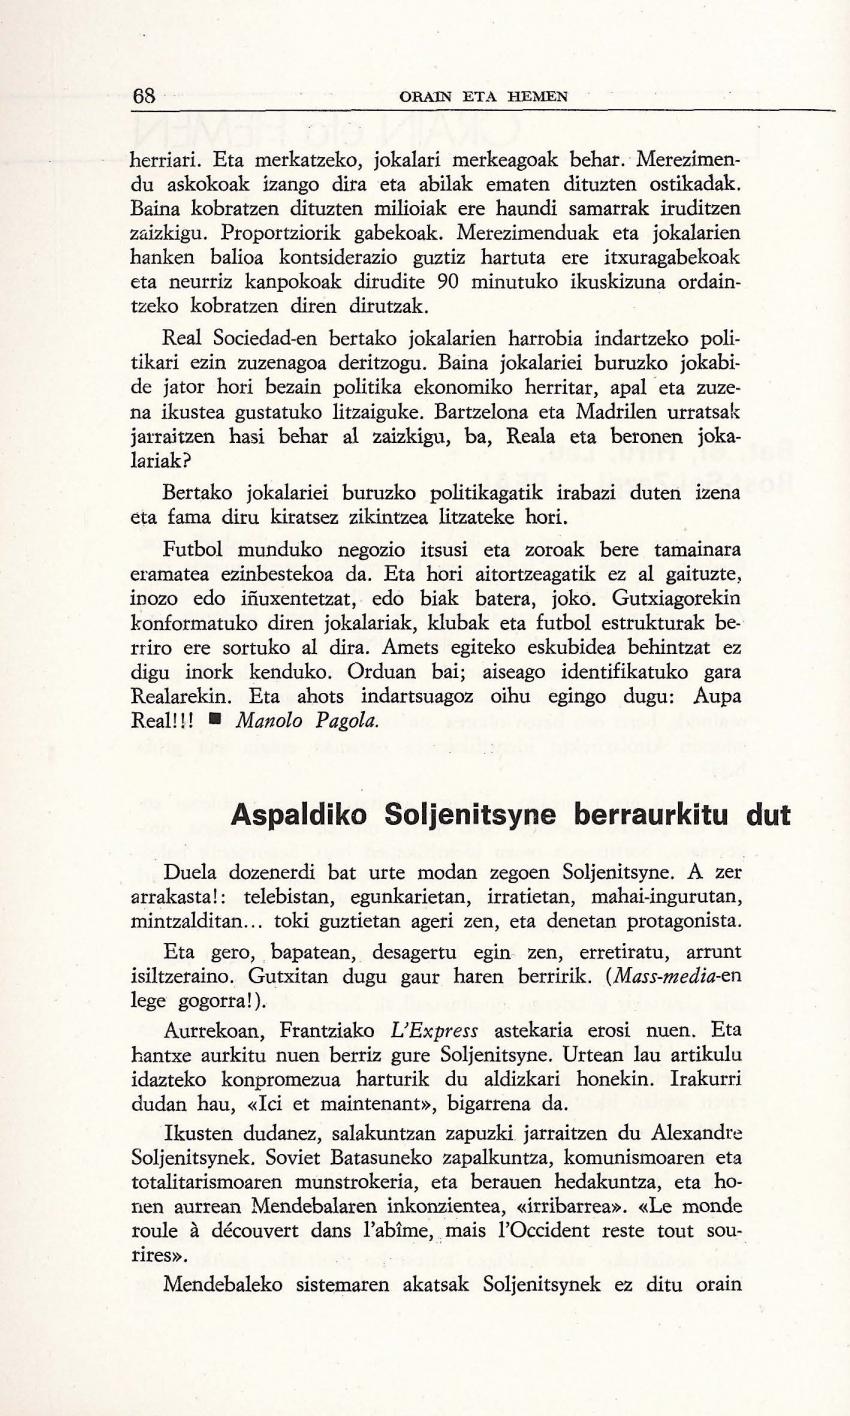 Aspaldiko Soljenitsyne berraurkitu dut (Orain eta Hemen)